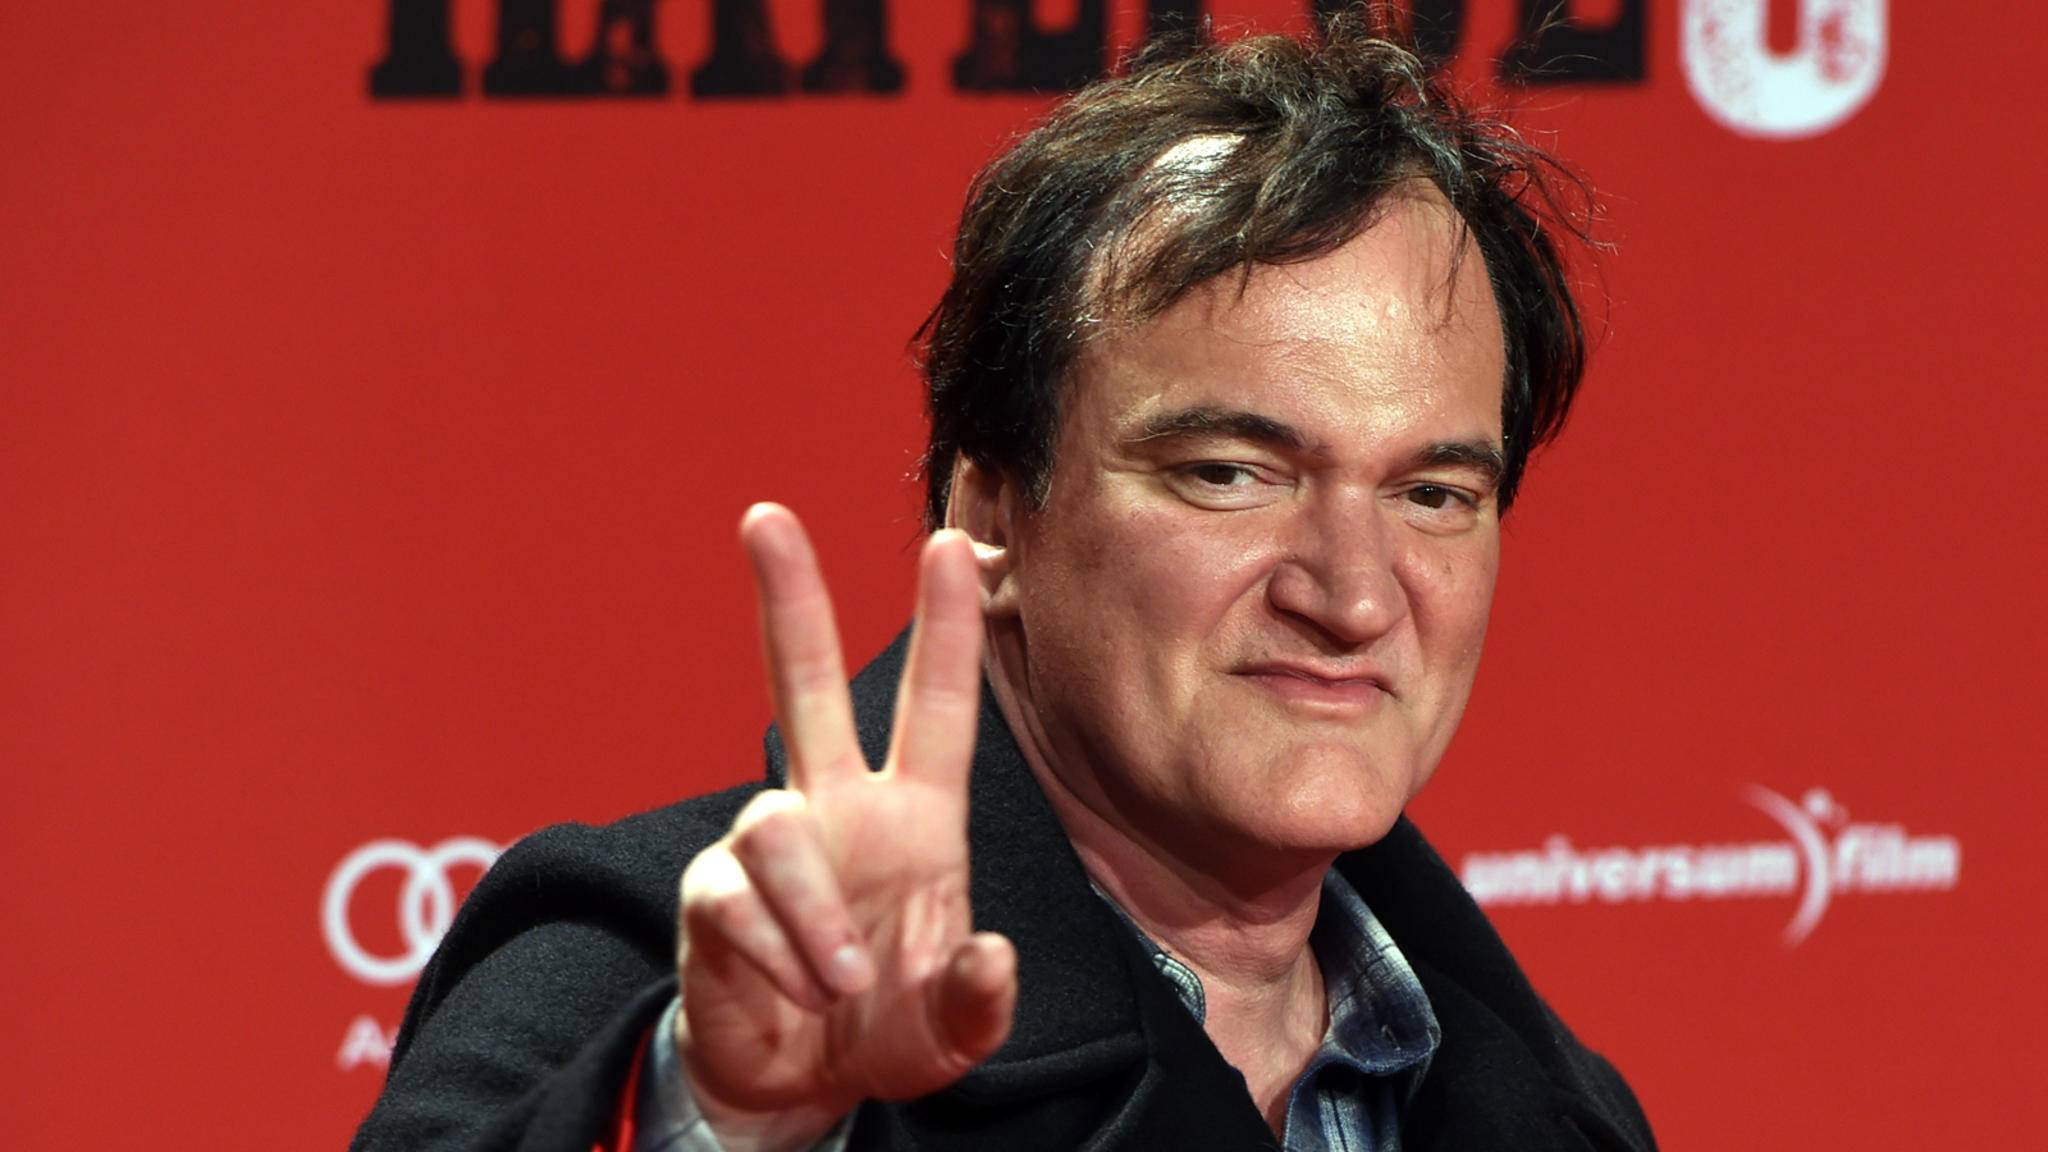 Mit seinem neuen Film könnte Quentin Tarantino neues Genre-Terrain betreten.